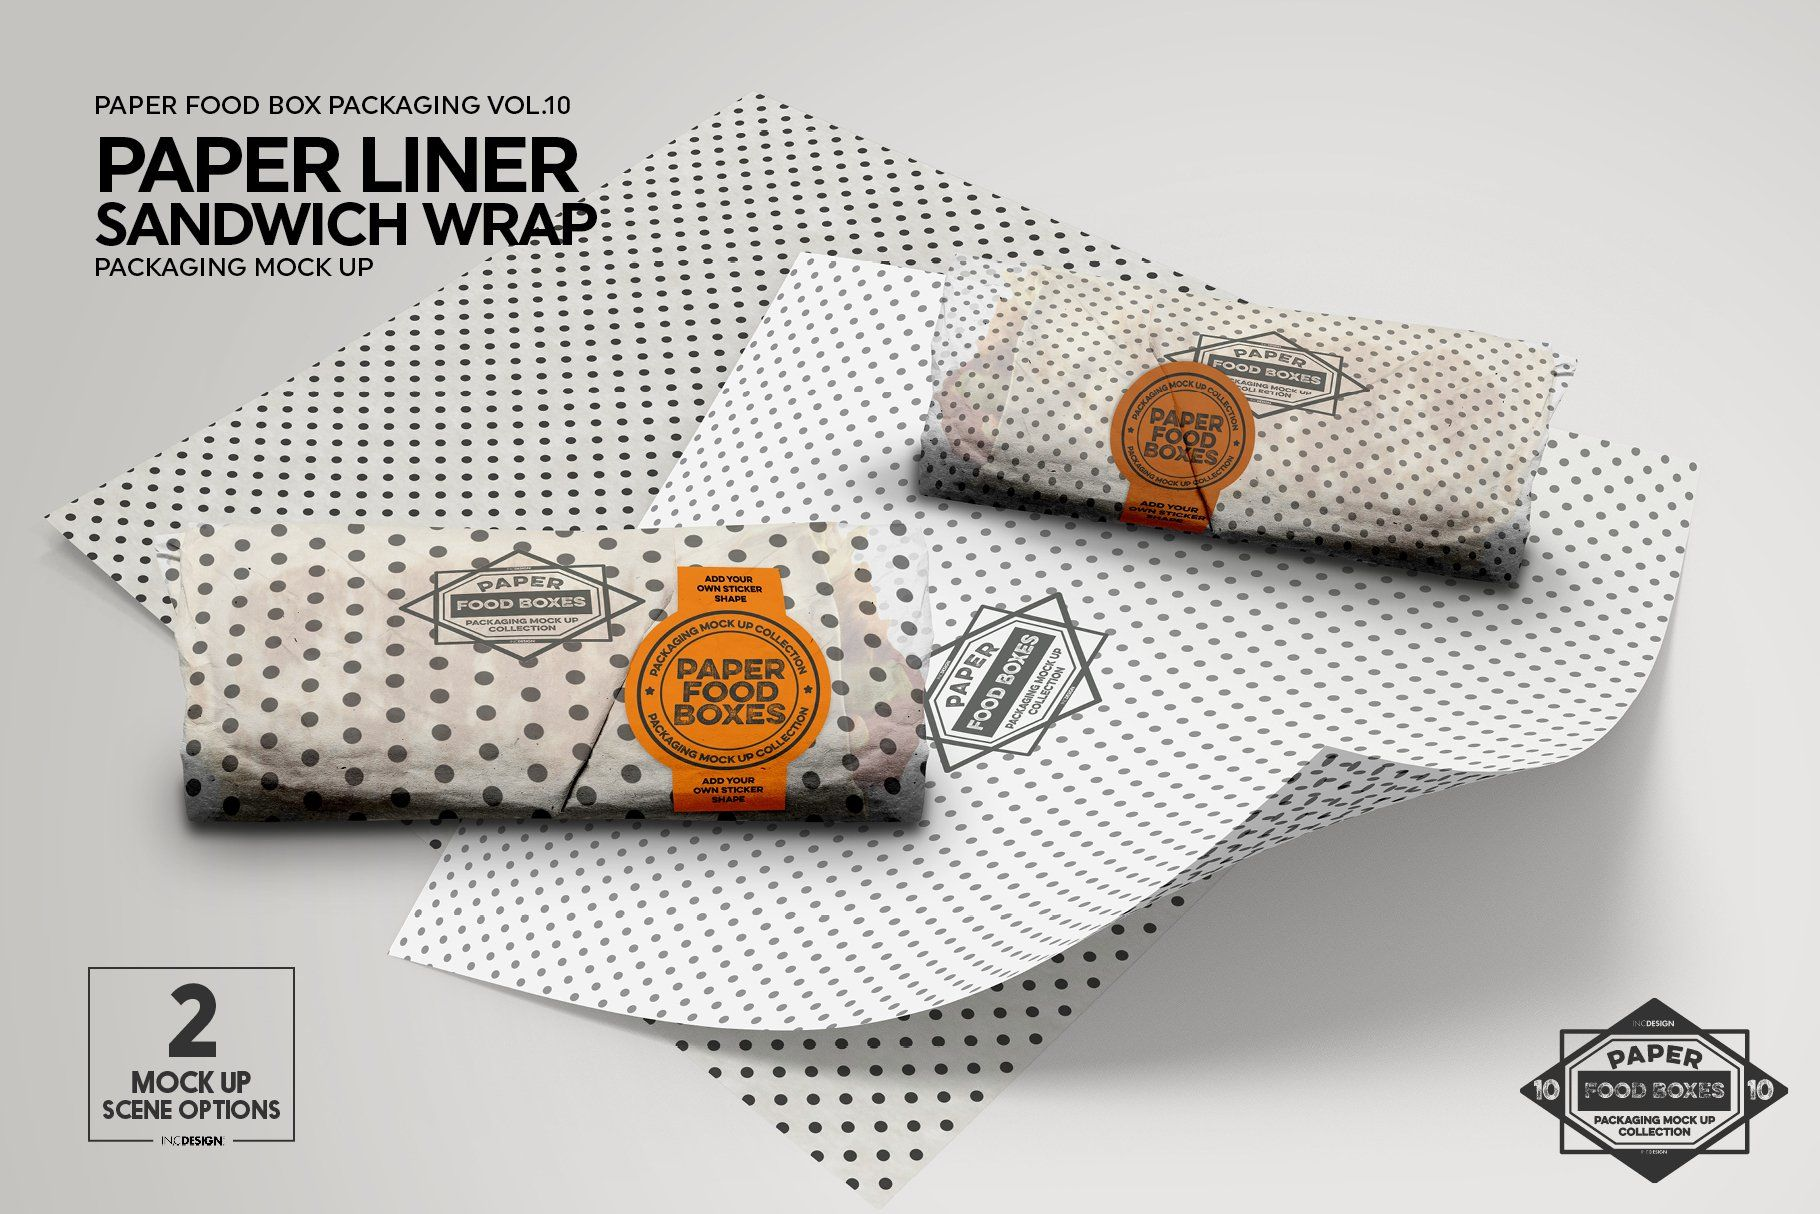 Download Wrap Or Burrito Paper Liner Mockup Paper Liner Free Packaging Mockup Food Box Packaging